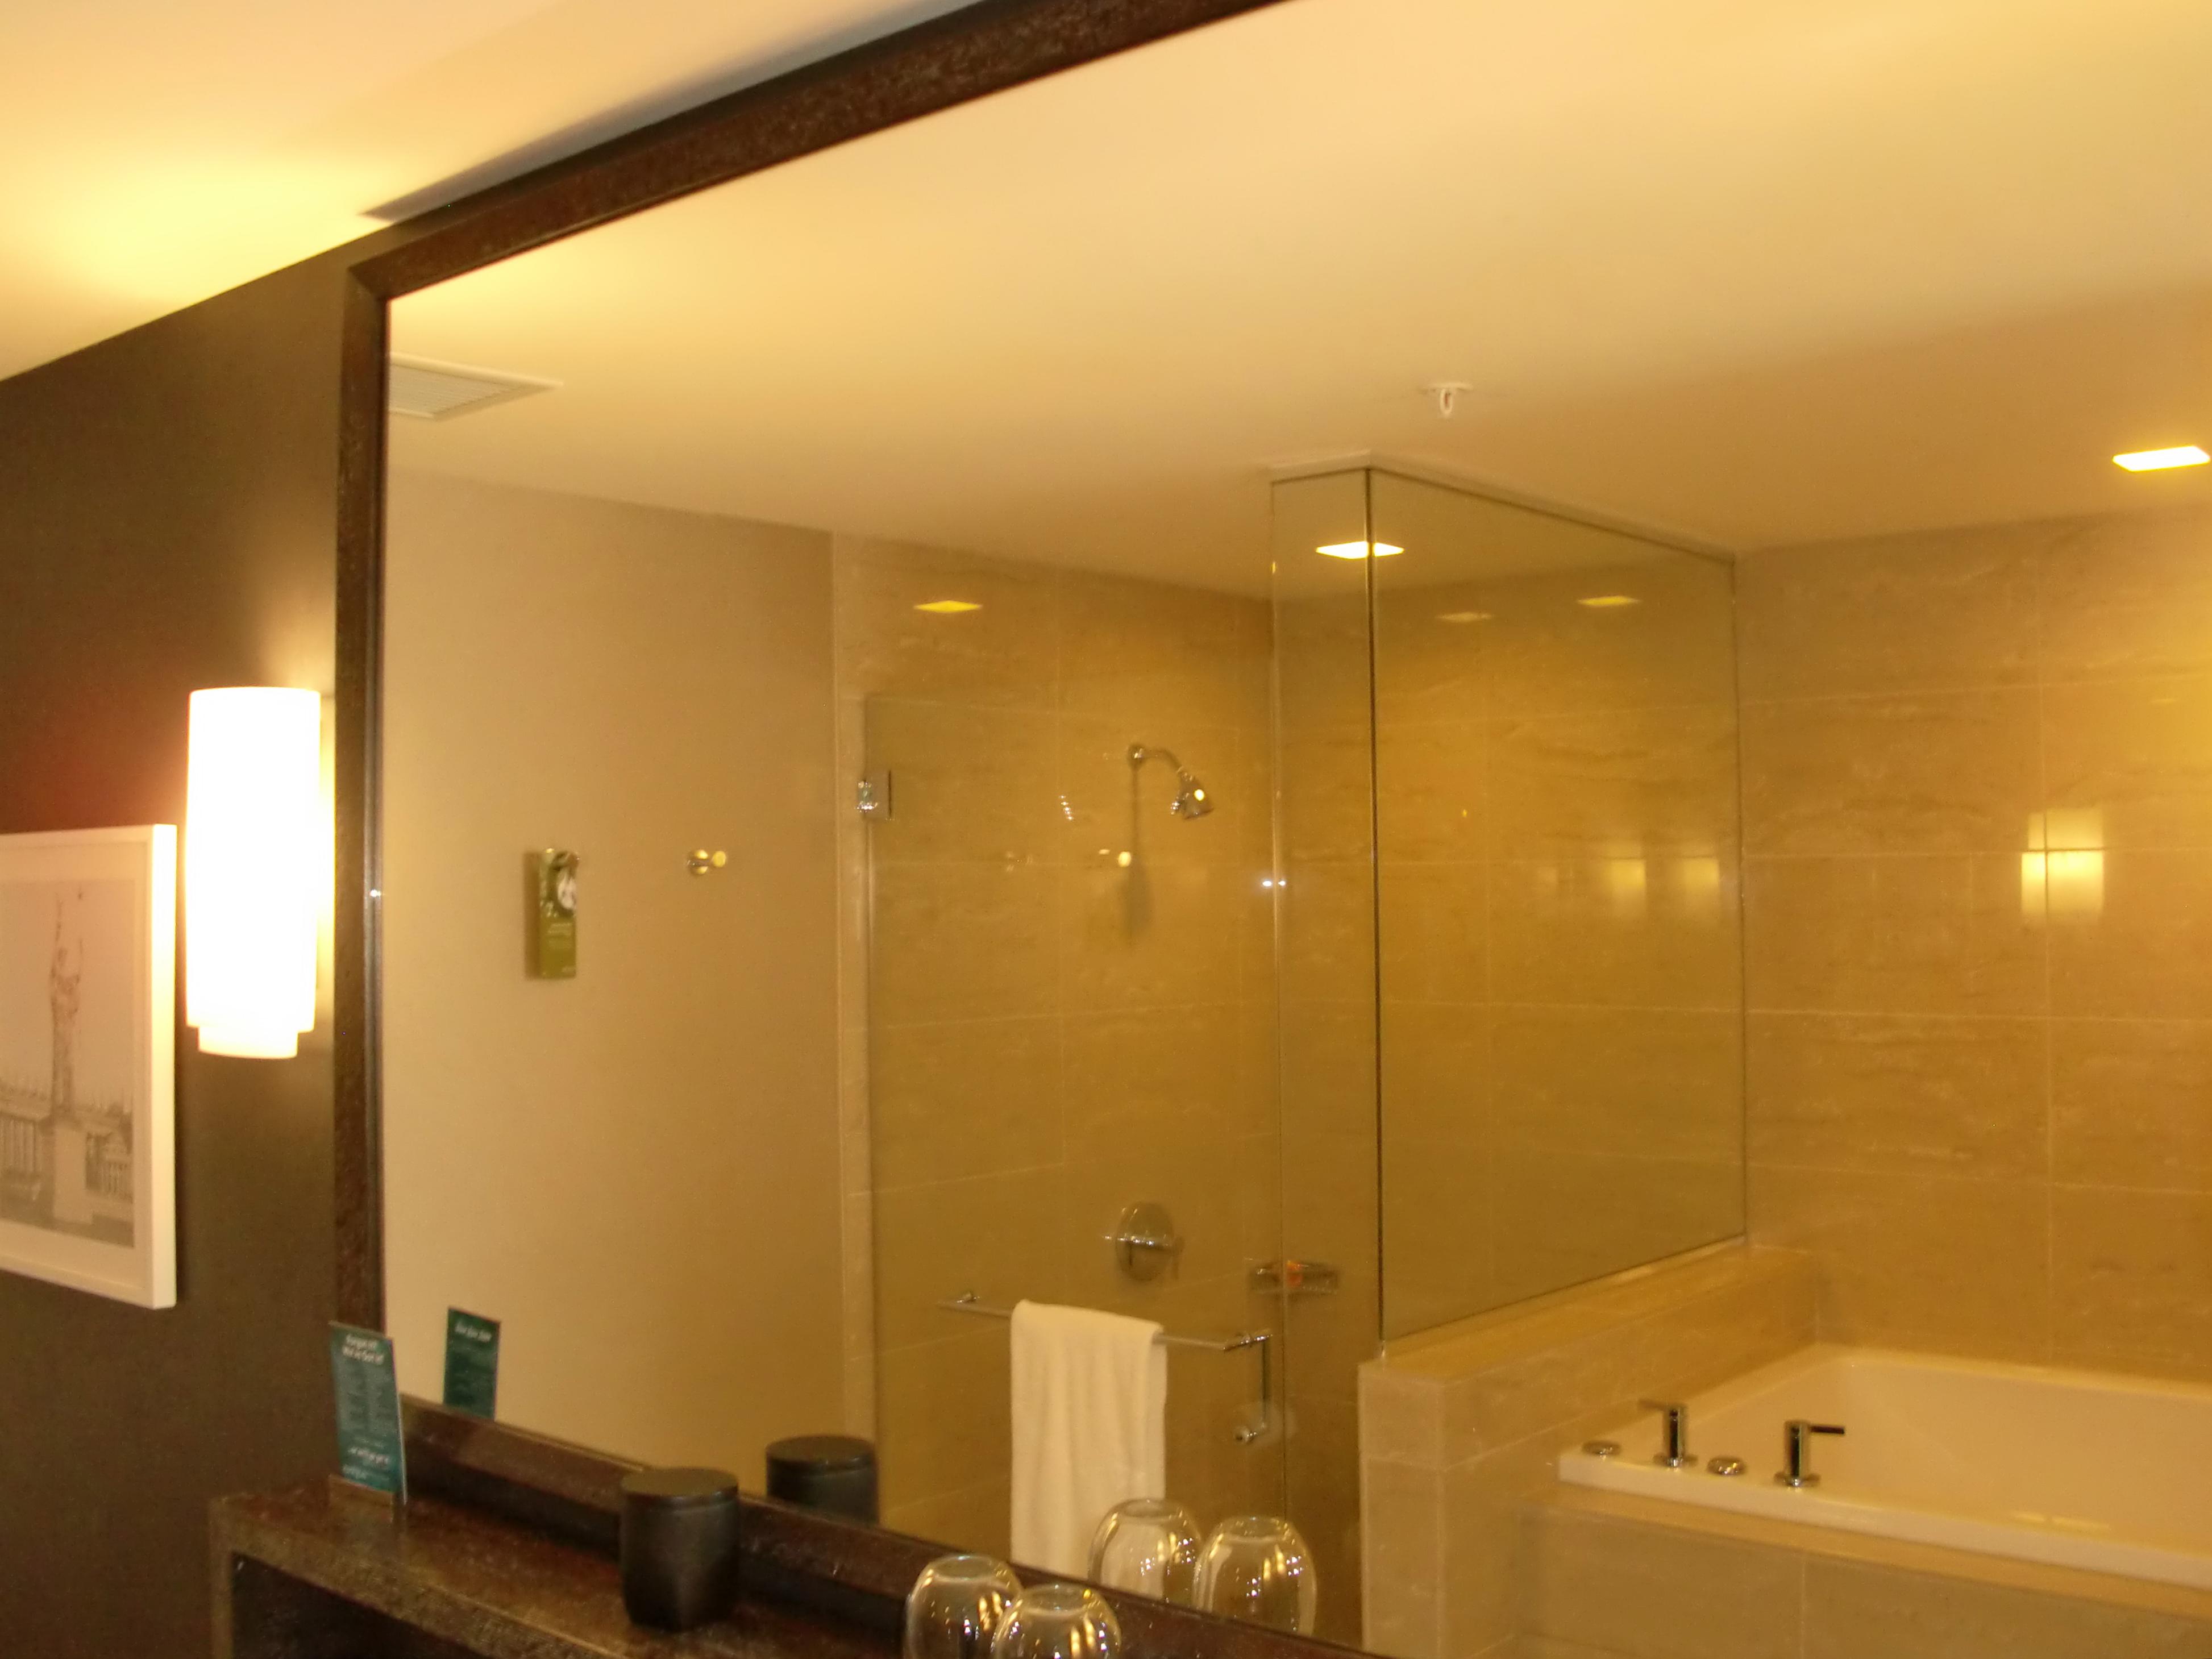 Cool bathroom design chicago pics design ideas dievoon - Bathroom design chicago ...